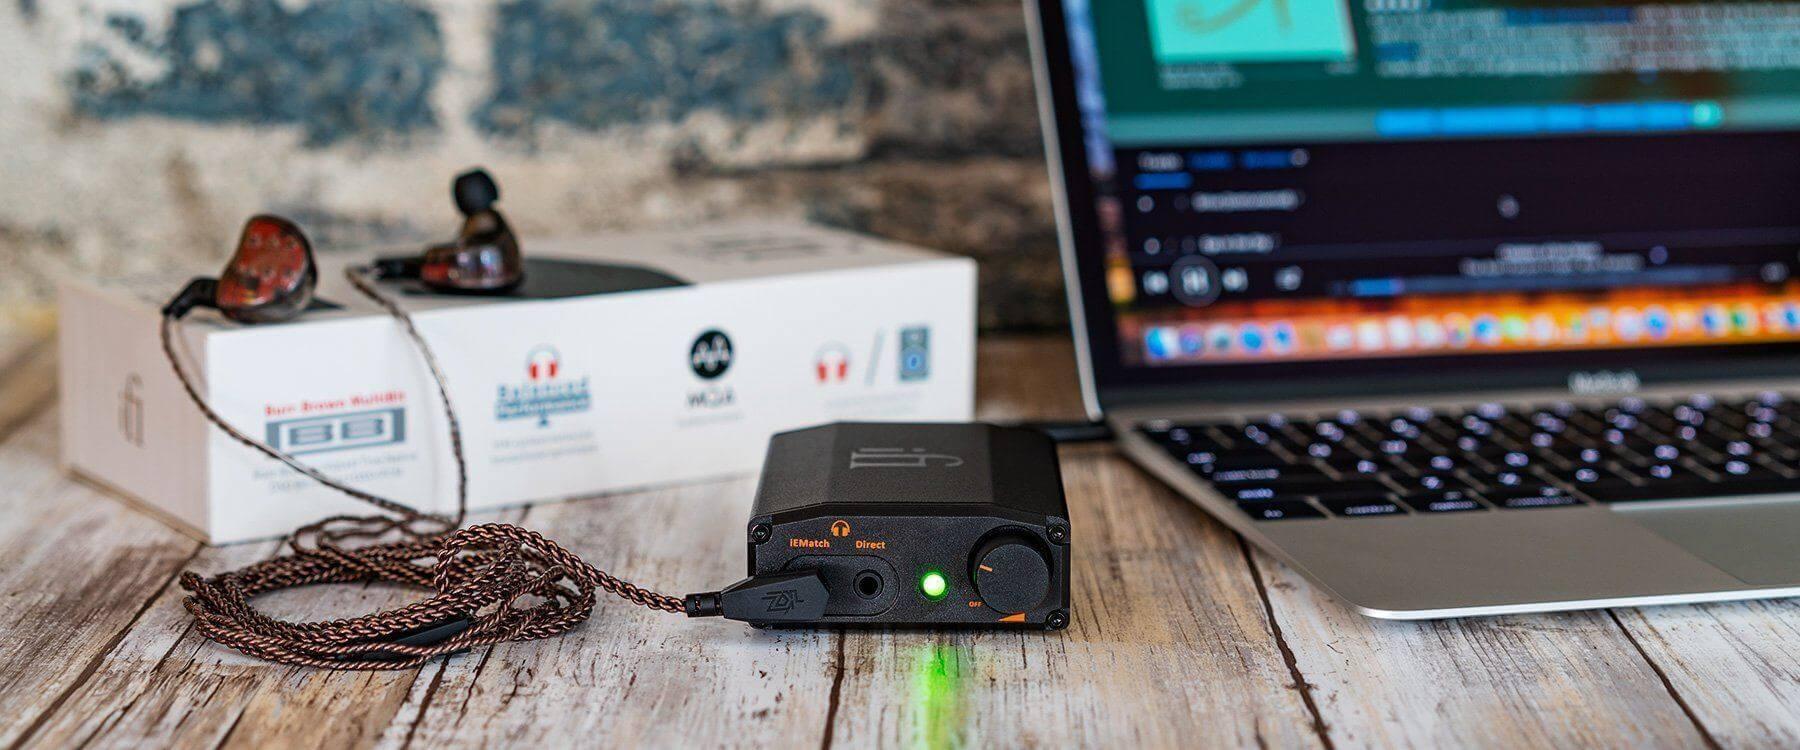 iFi Audio Nano iDSD Black Label - Portable DAC/Amp - Review